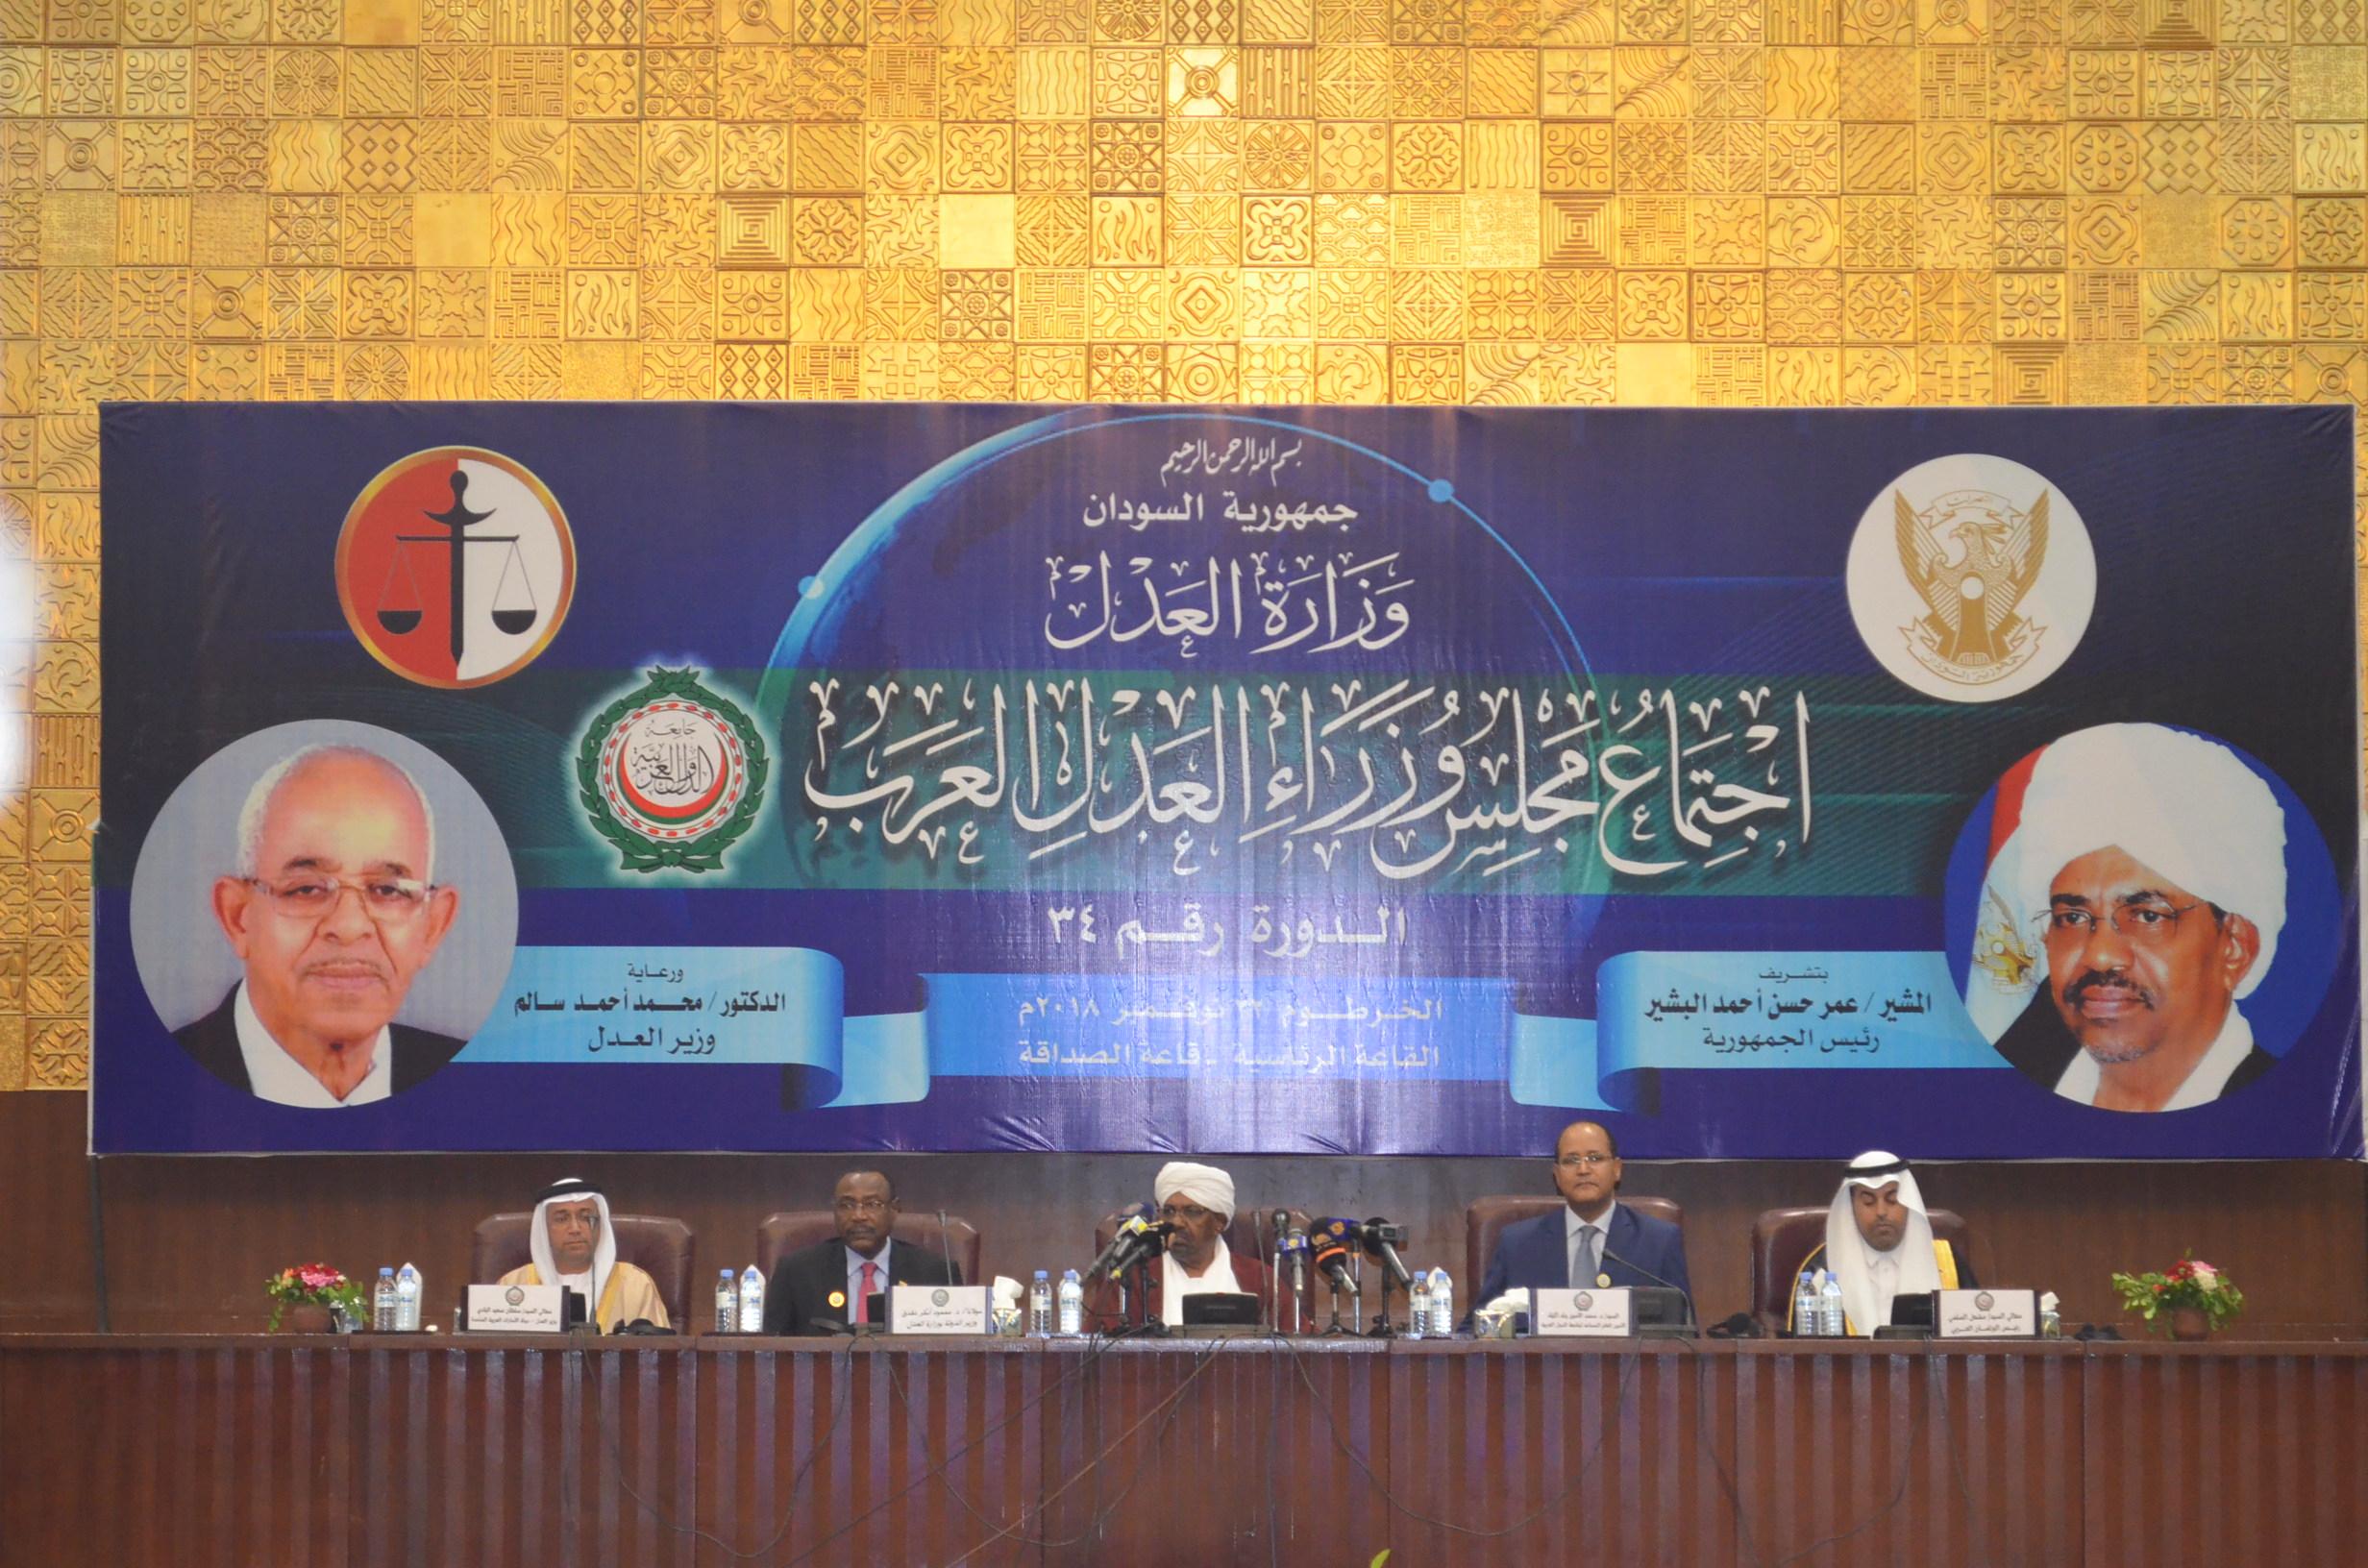 انطلاق اعمال مؤتمر وزراء العدل العرب بالخرطوم